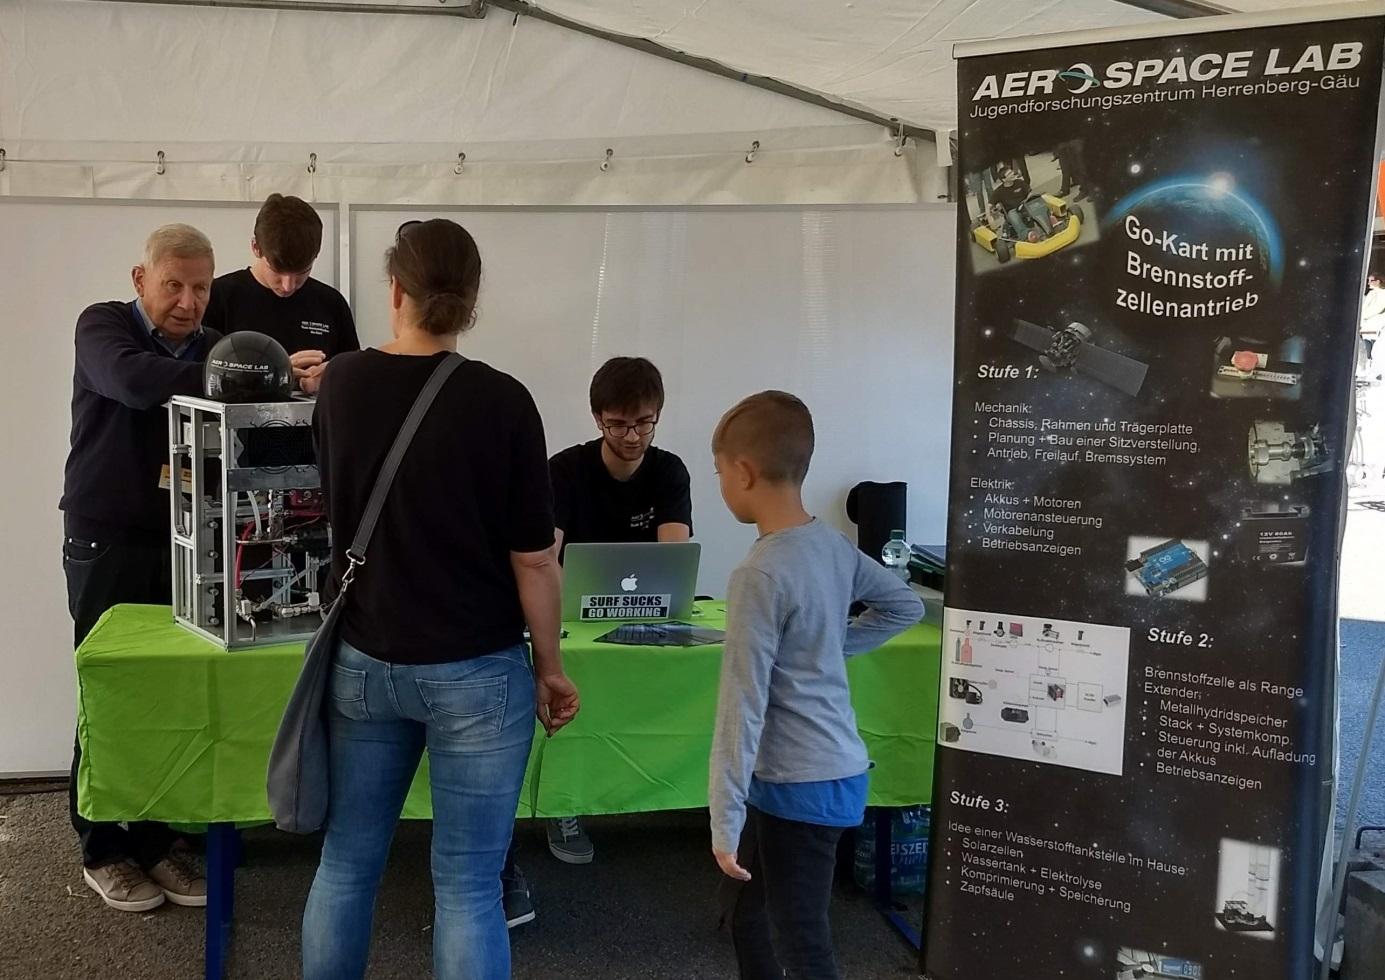 aerospace lab beim KlimaAKTIV Markt 2018